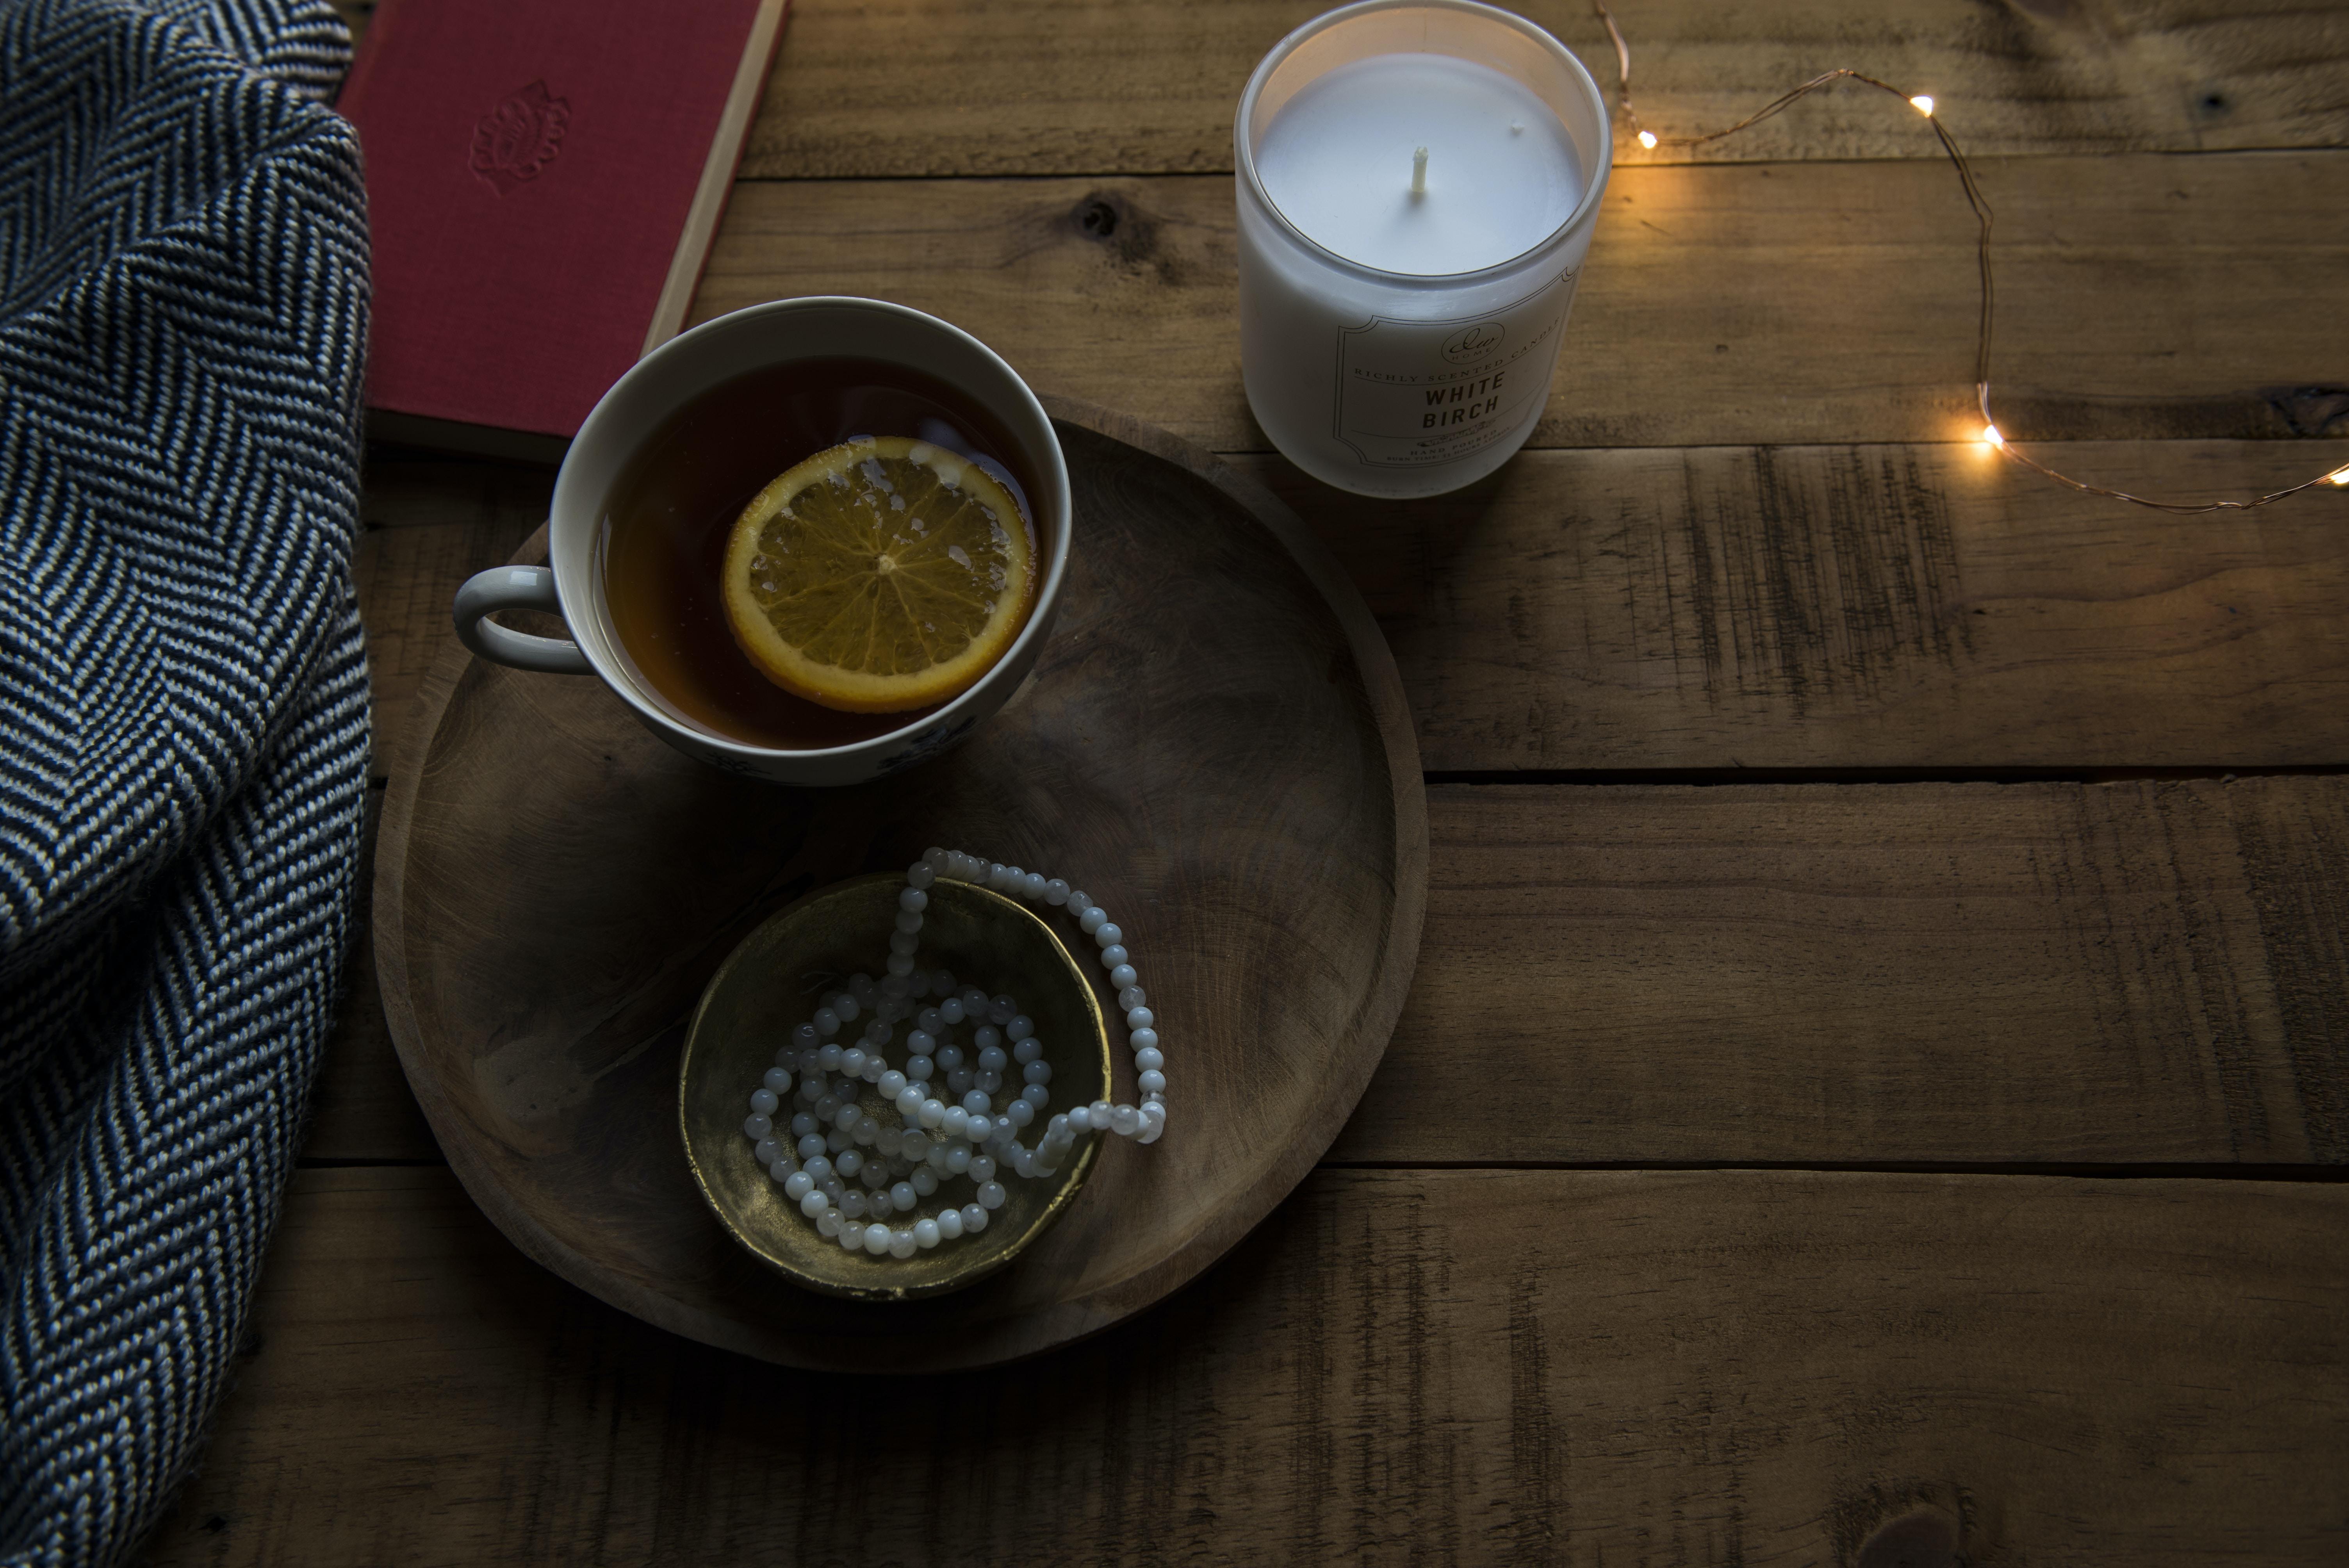 ceramic mug on wood tray near candle